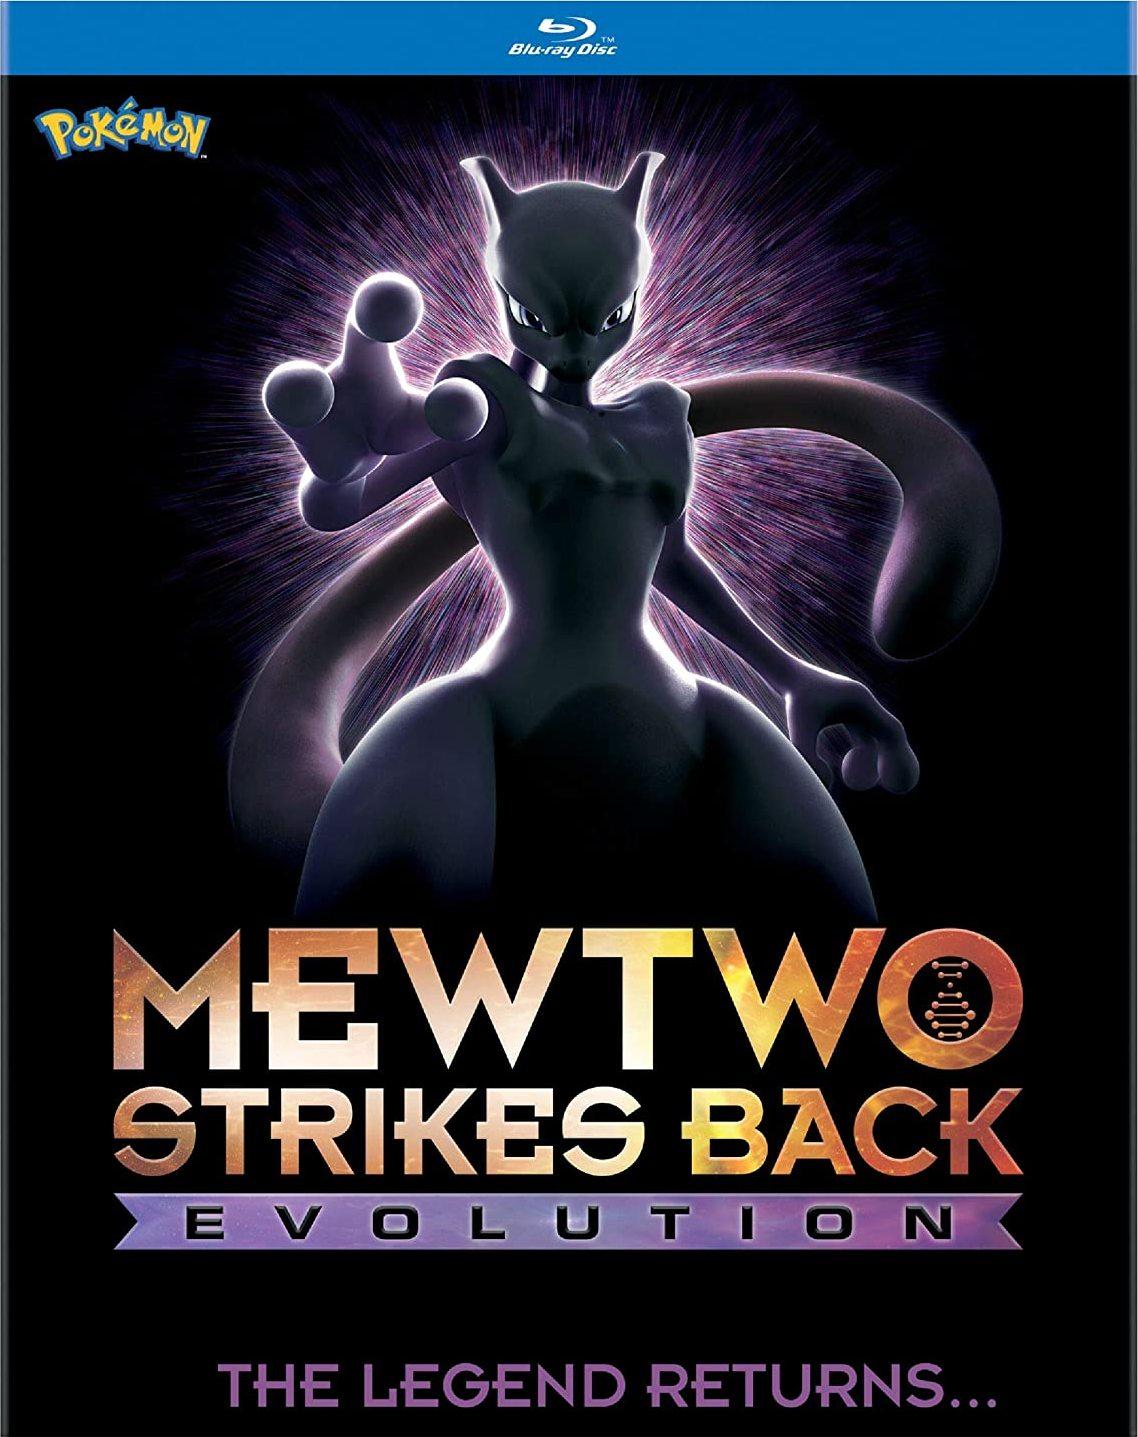 Pokémon: Mewtwo Strikes Back - Evolution (Blu-ray)